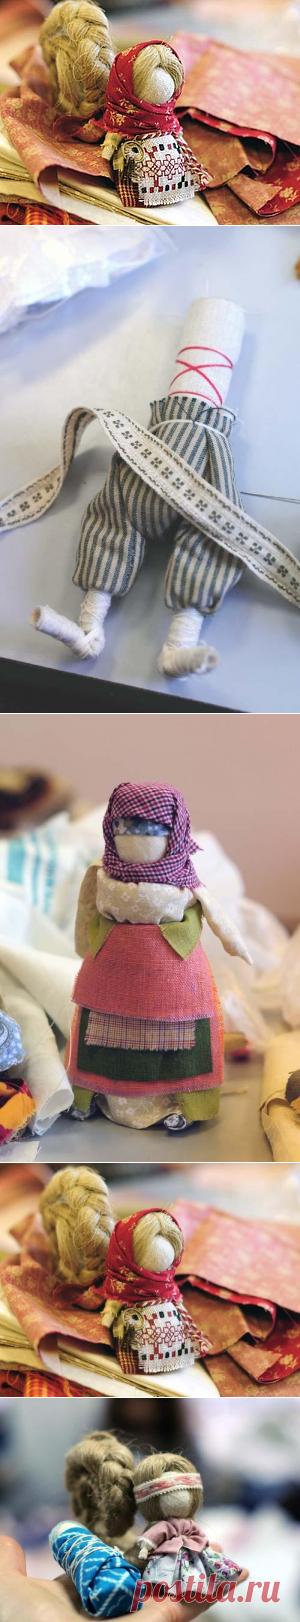 Обережные куклы. Два отчёта в одном. Питер и Москва. – Ярмарка Мастеров